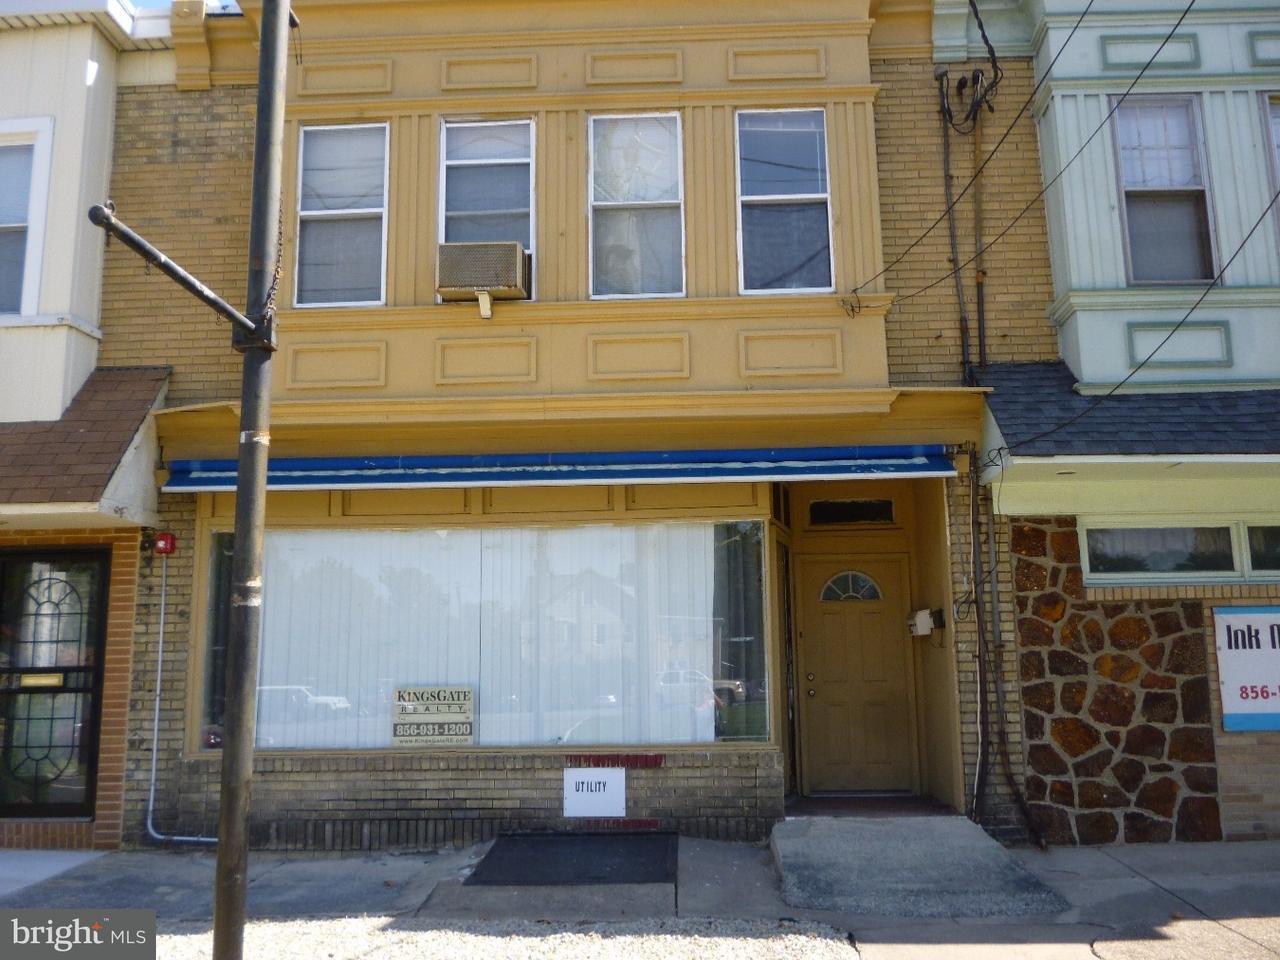 Частный односемейный дом для того Продажа на 305 S WHITE HORSE PIKE Audubon, Нью-Джерси 08106 Соединенные Штаты